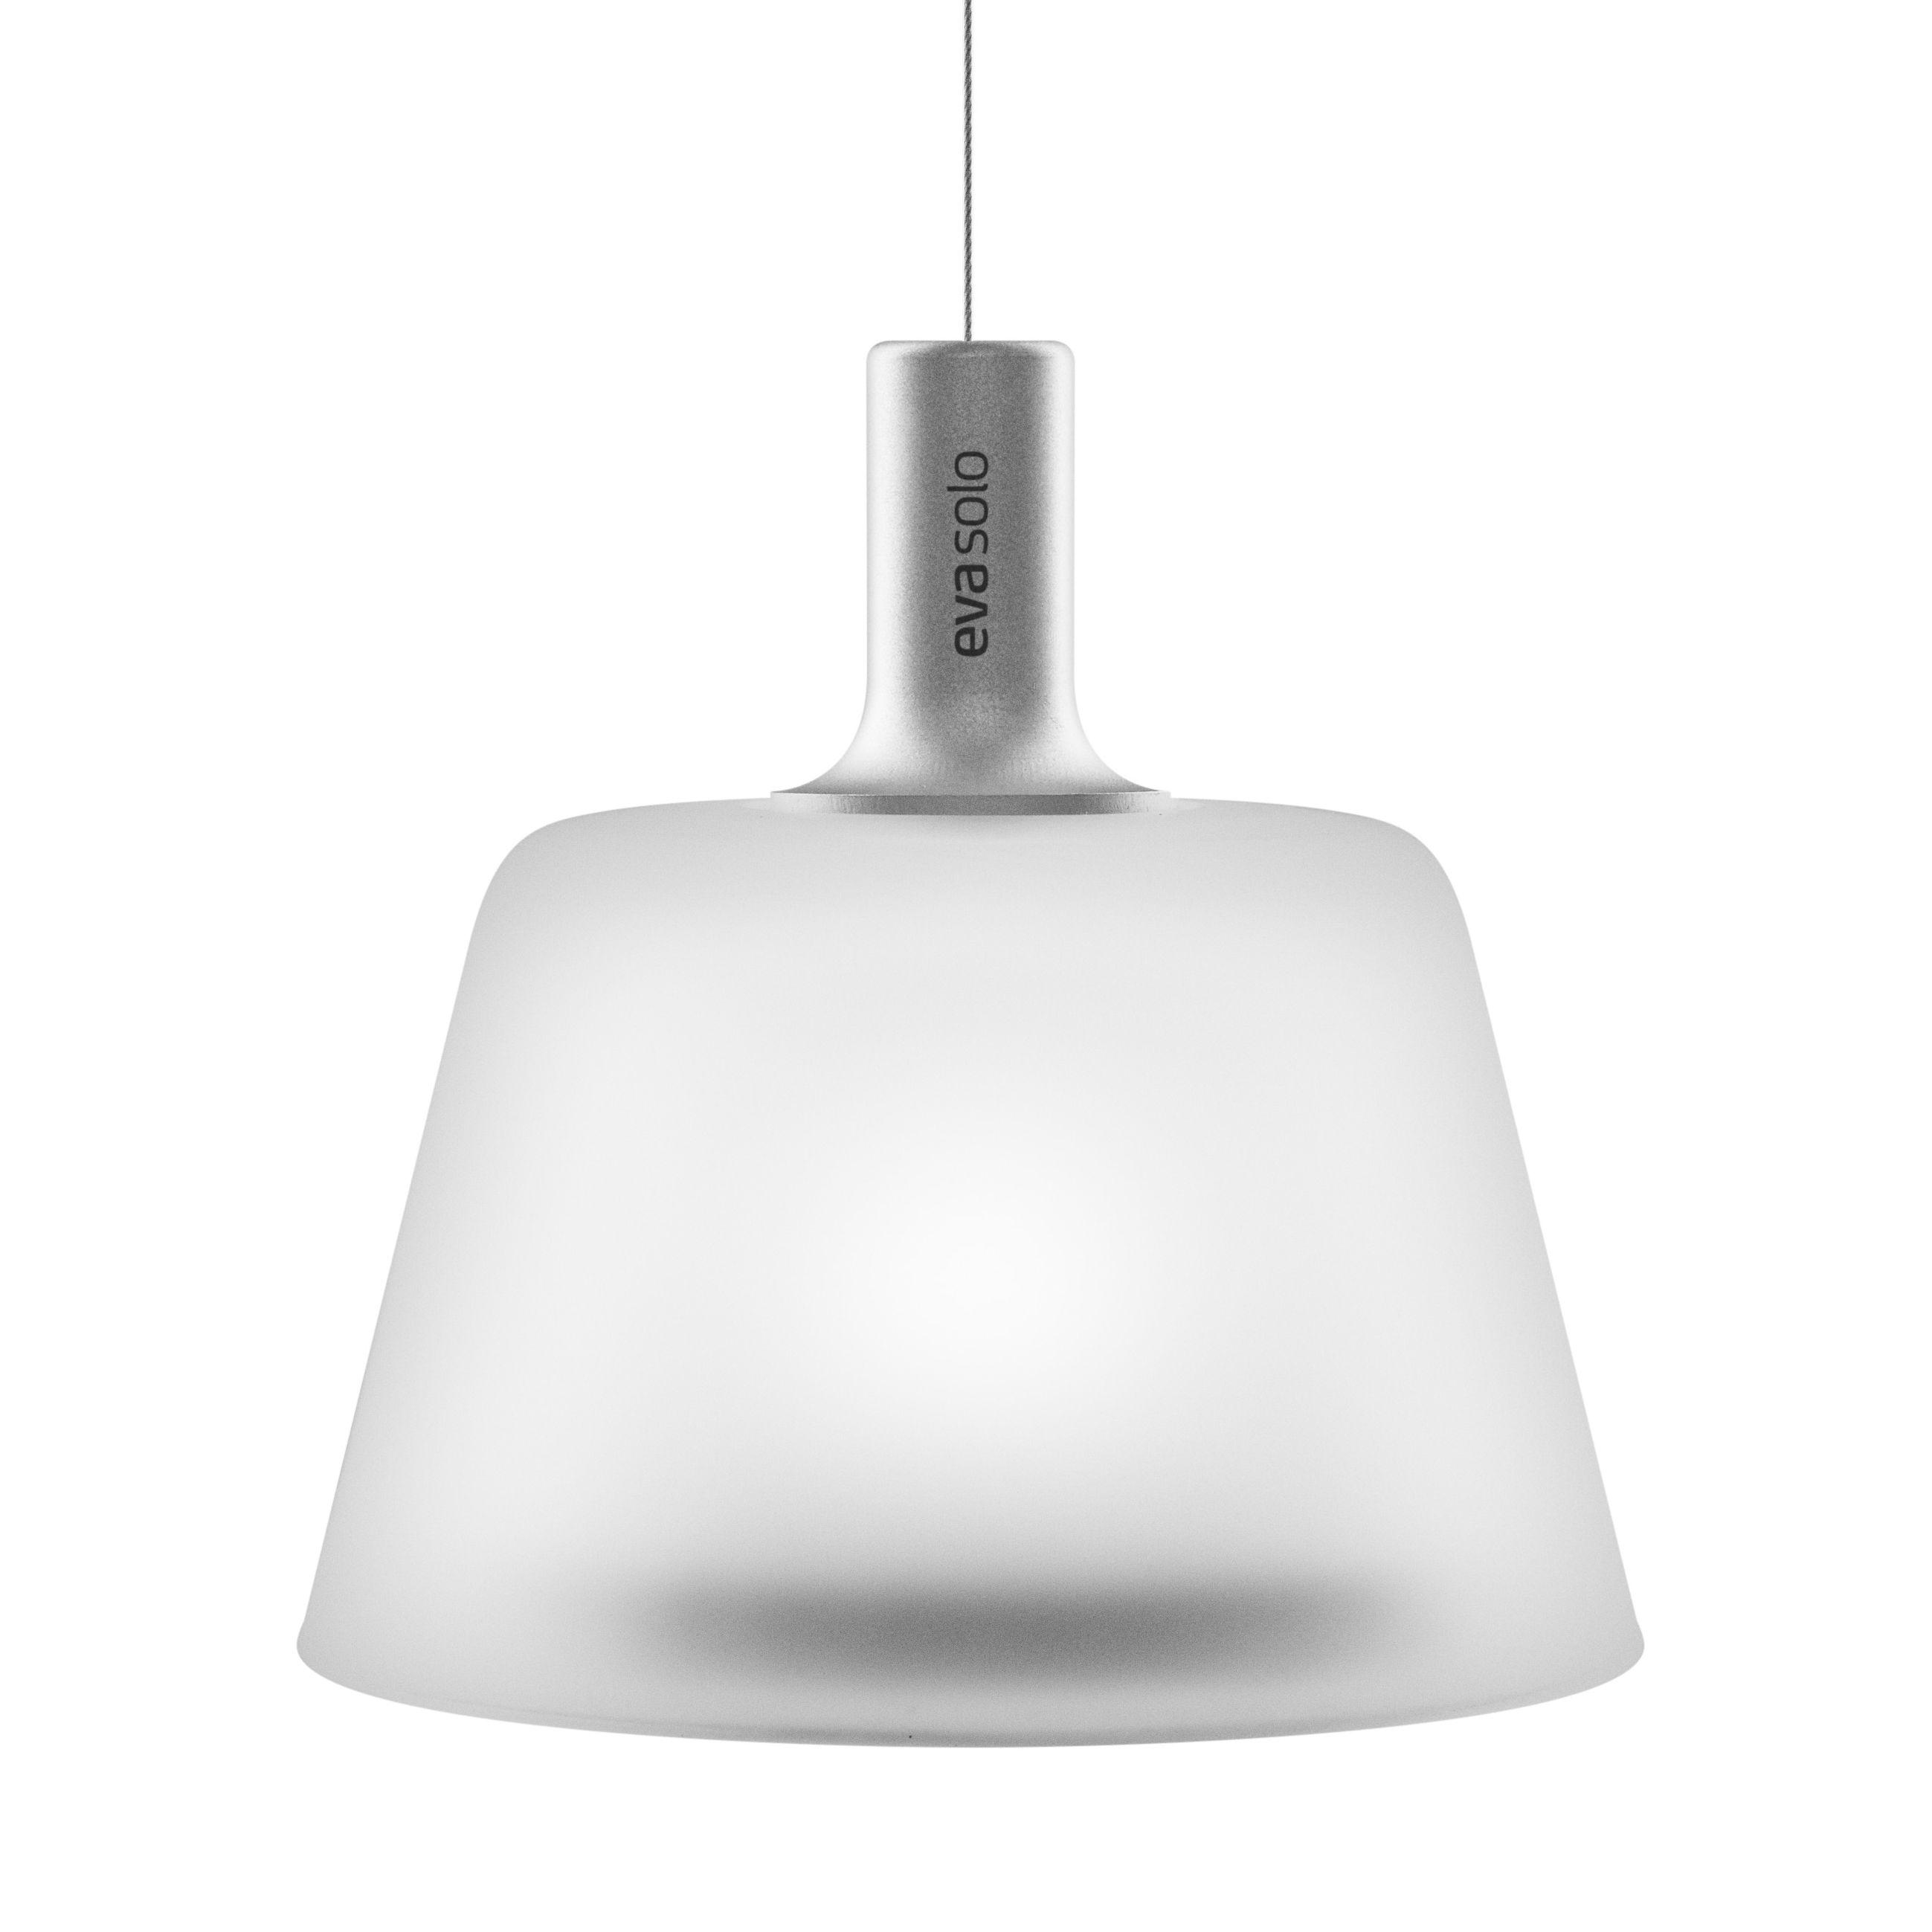 Luminaire - Suspensions - Suspension Sunlight / Energie solaire - Ø 13,2 cm - Eva Solo - Blanc & alu - Aluminium anodisé, Verre dépoli